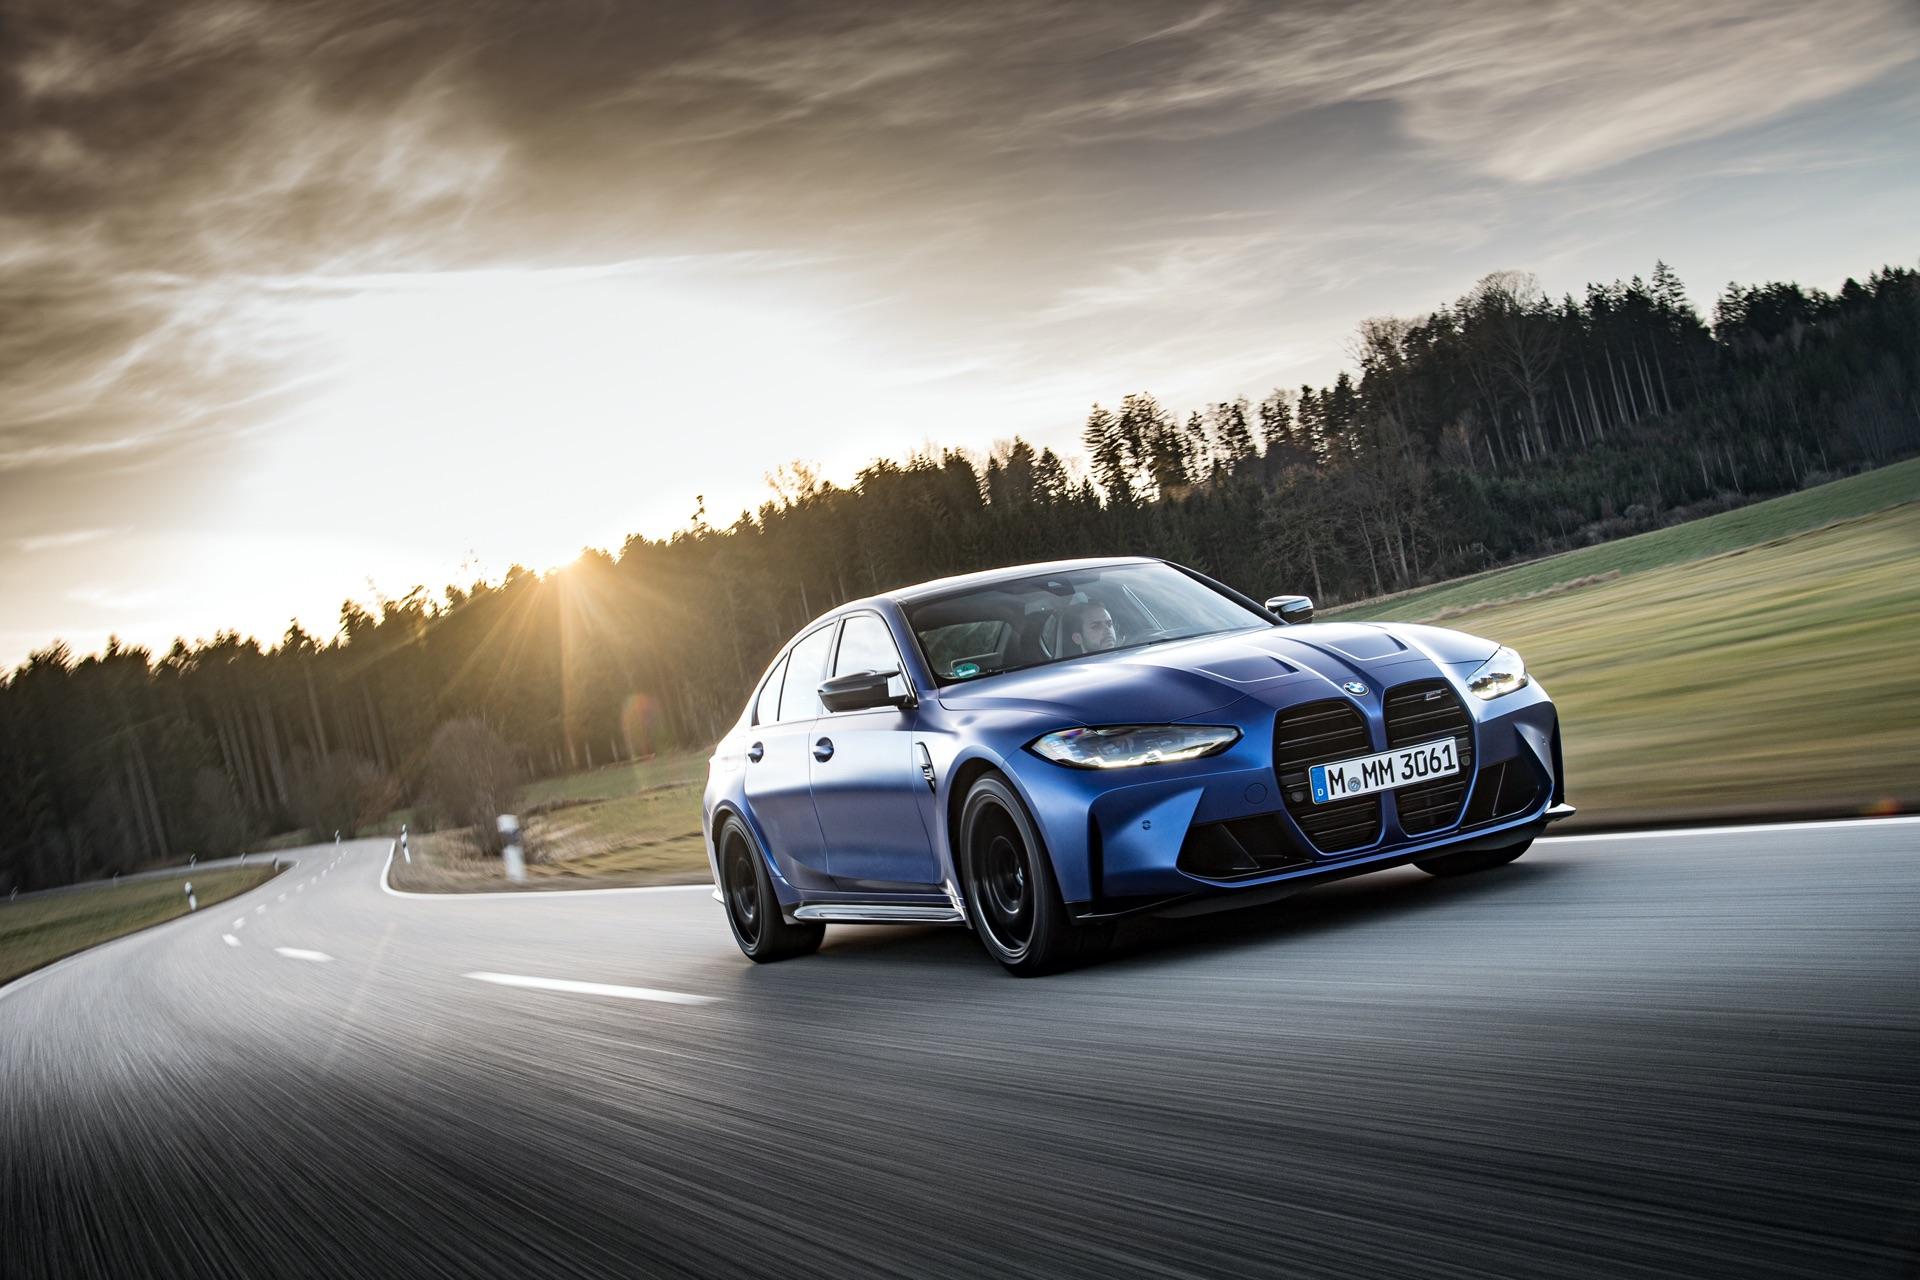 Portimao Blue BMW G80 M3 wallpaper